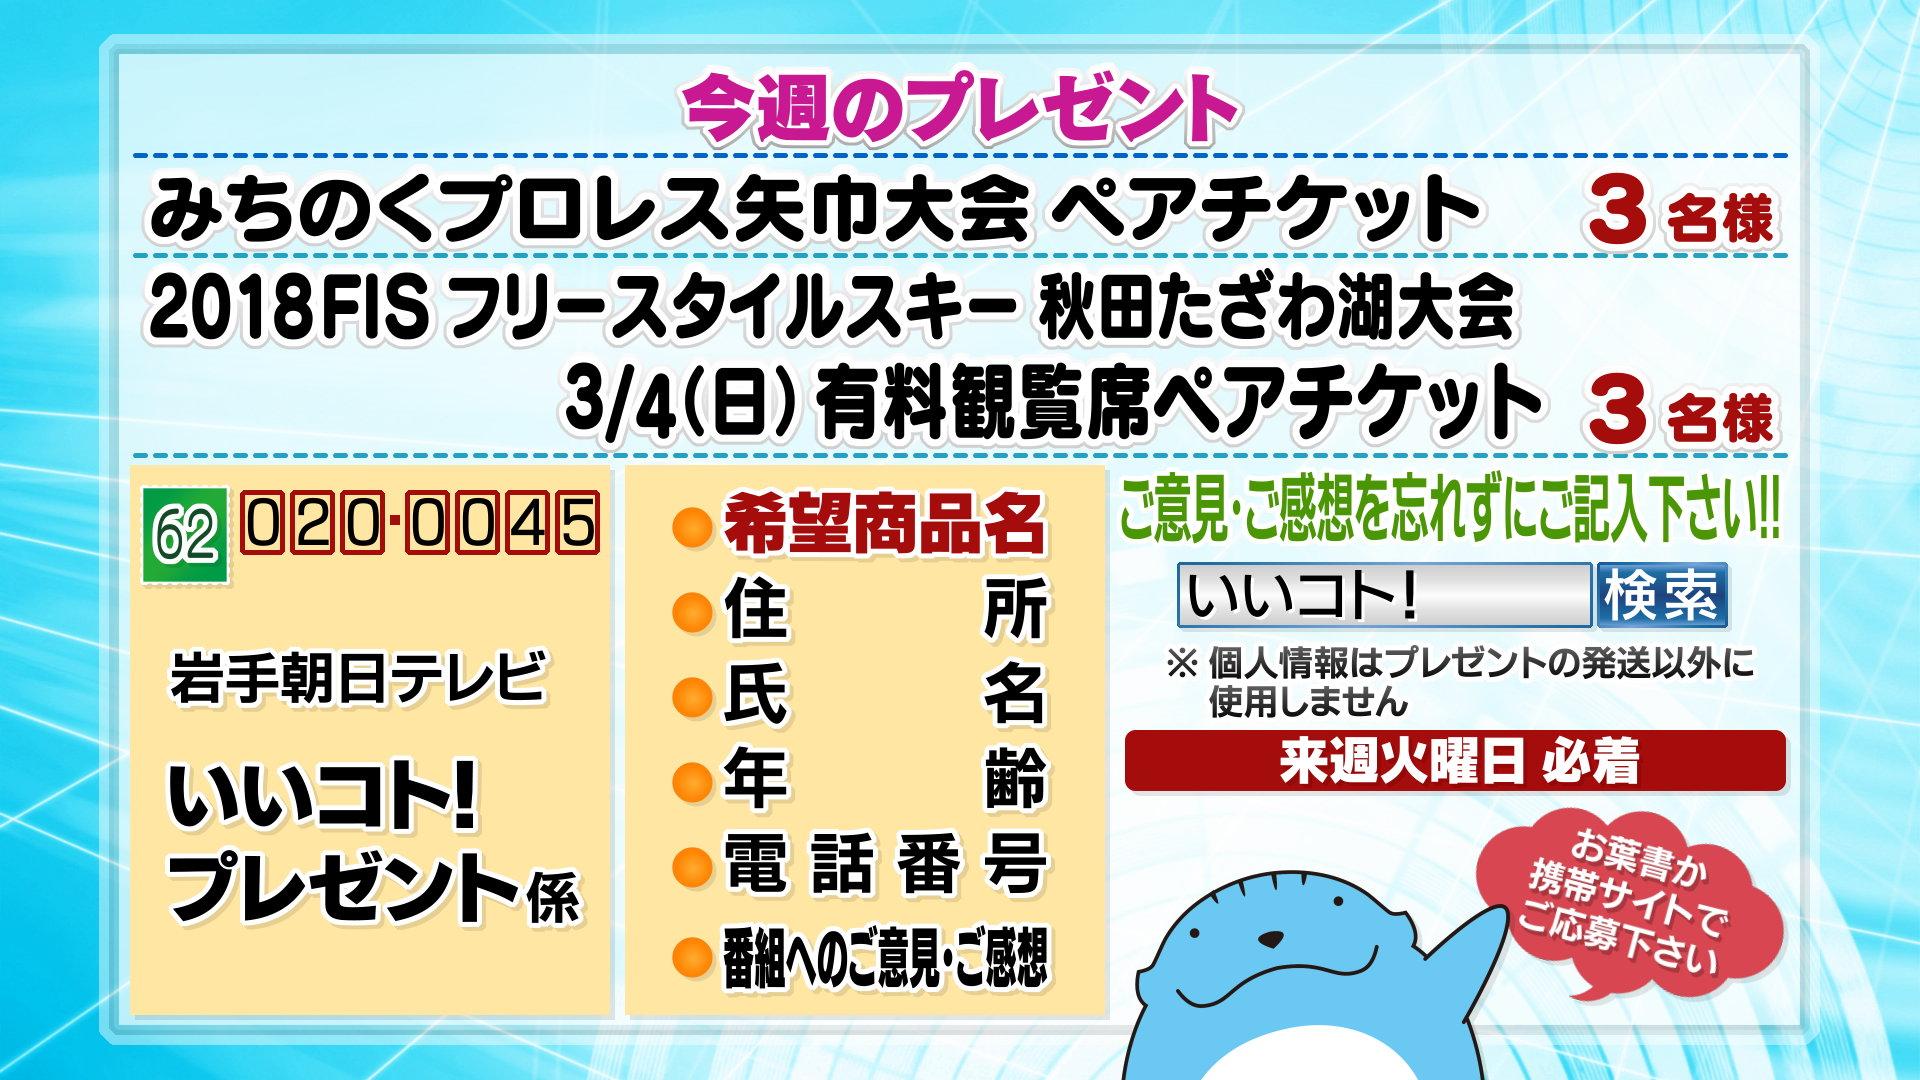 2/17(土)放送分のプレゼント